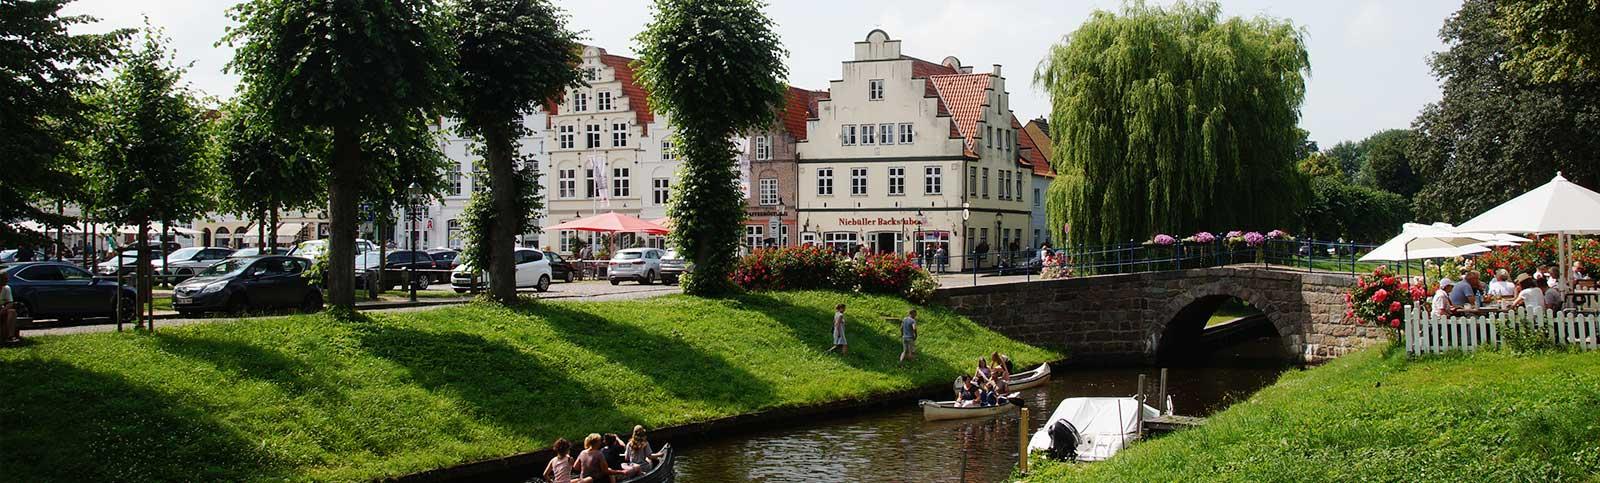 Holländerstadt Friedrichstadt